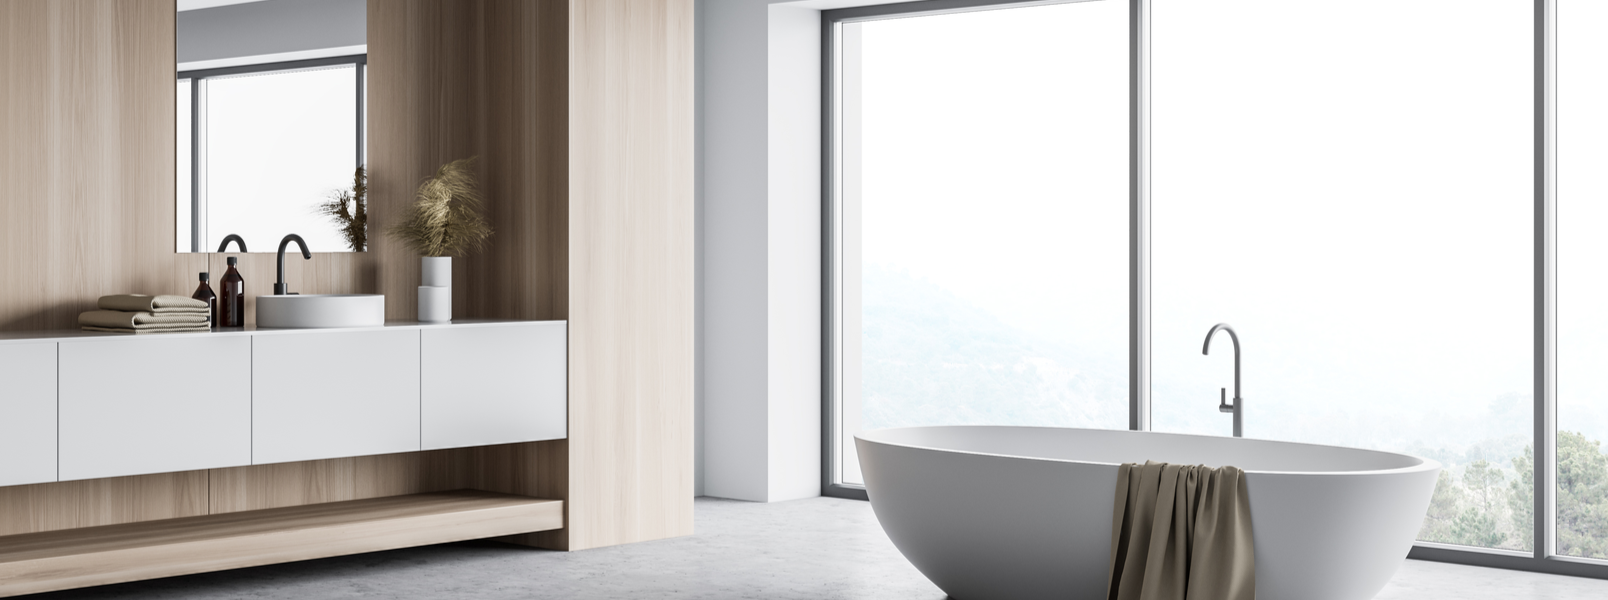 Les 10 tendances salles de bain 2021 les plus prometteuses